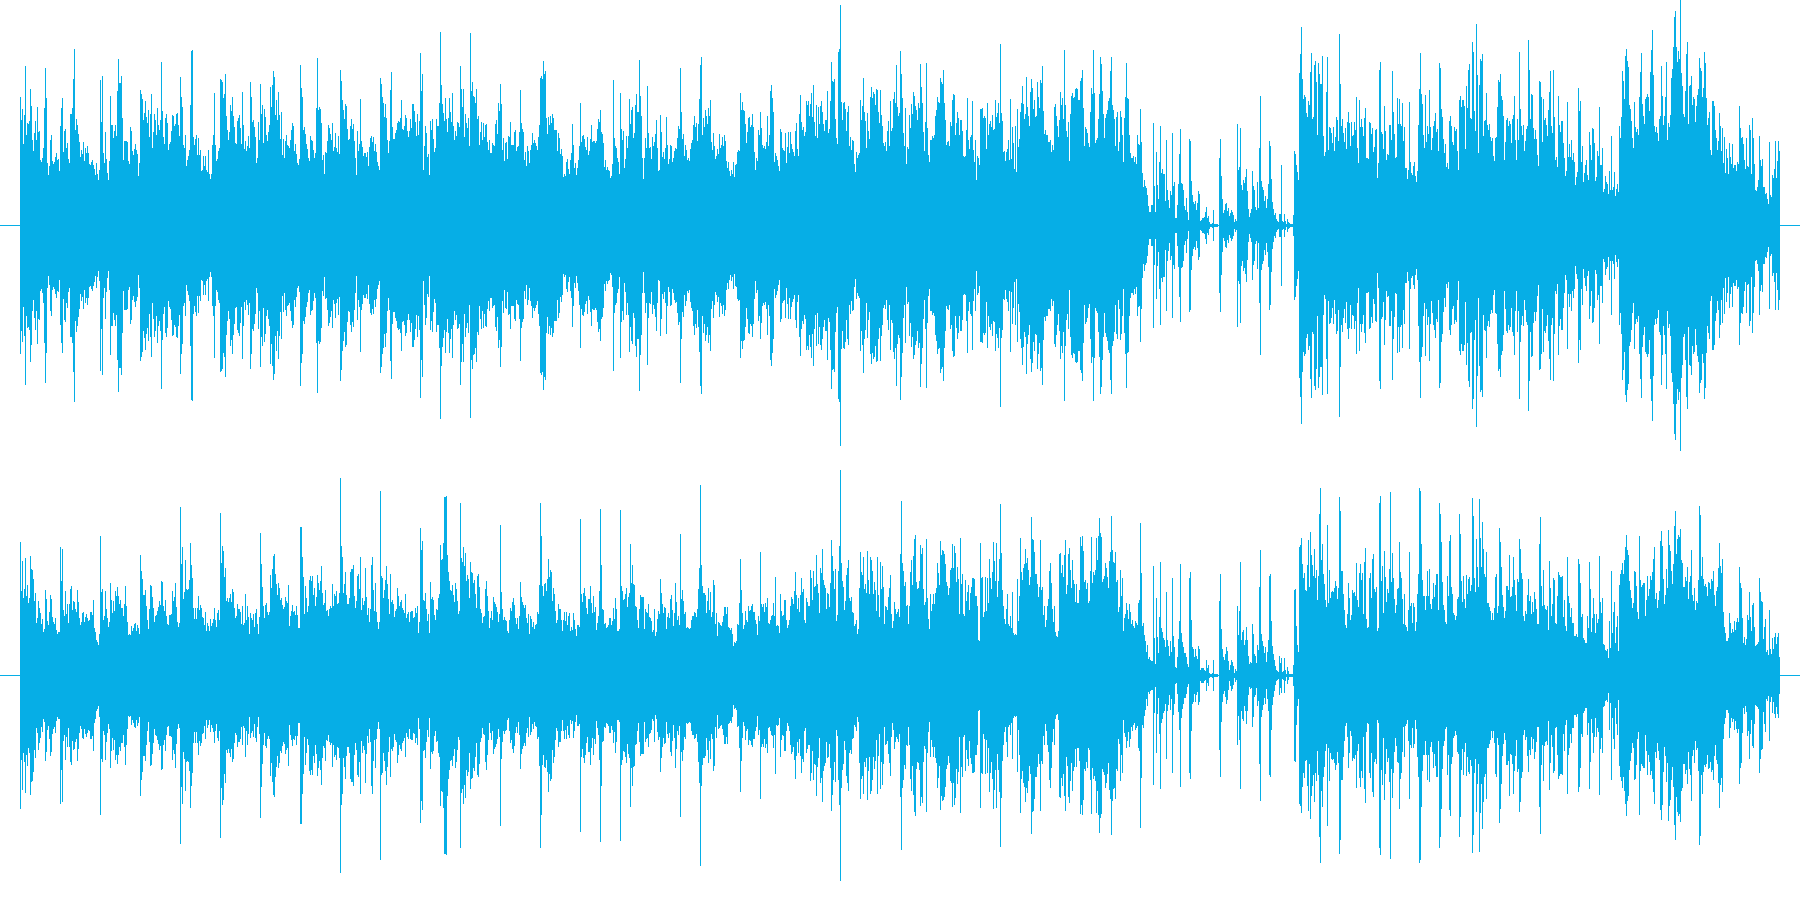 宇宙、惑星をイメージしました。後ろの音…の再生済みの波形